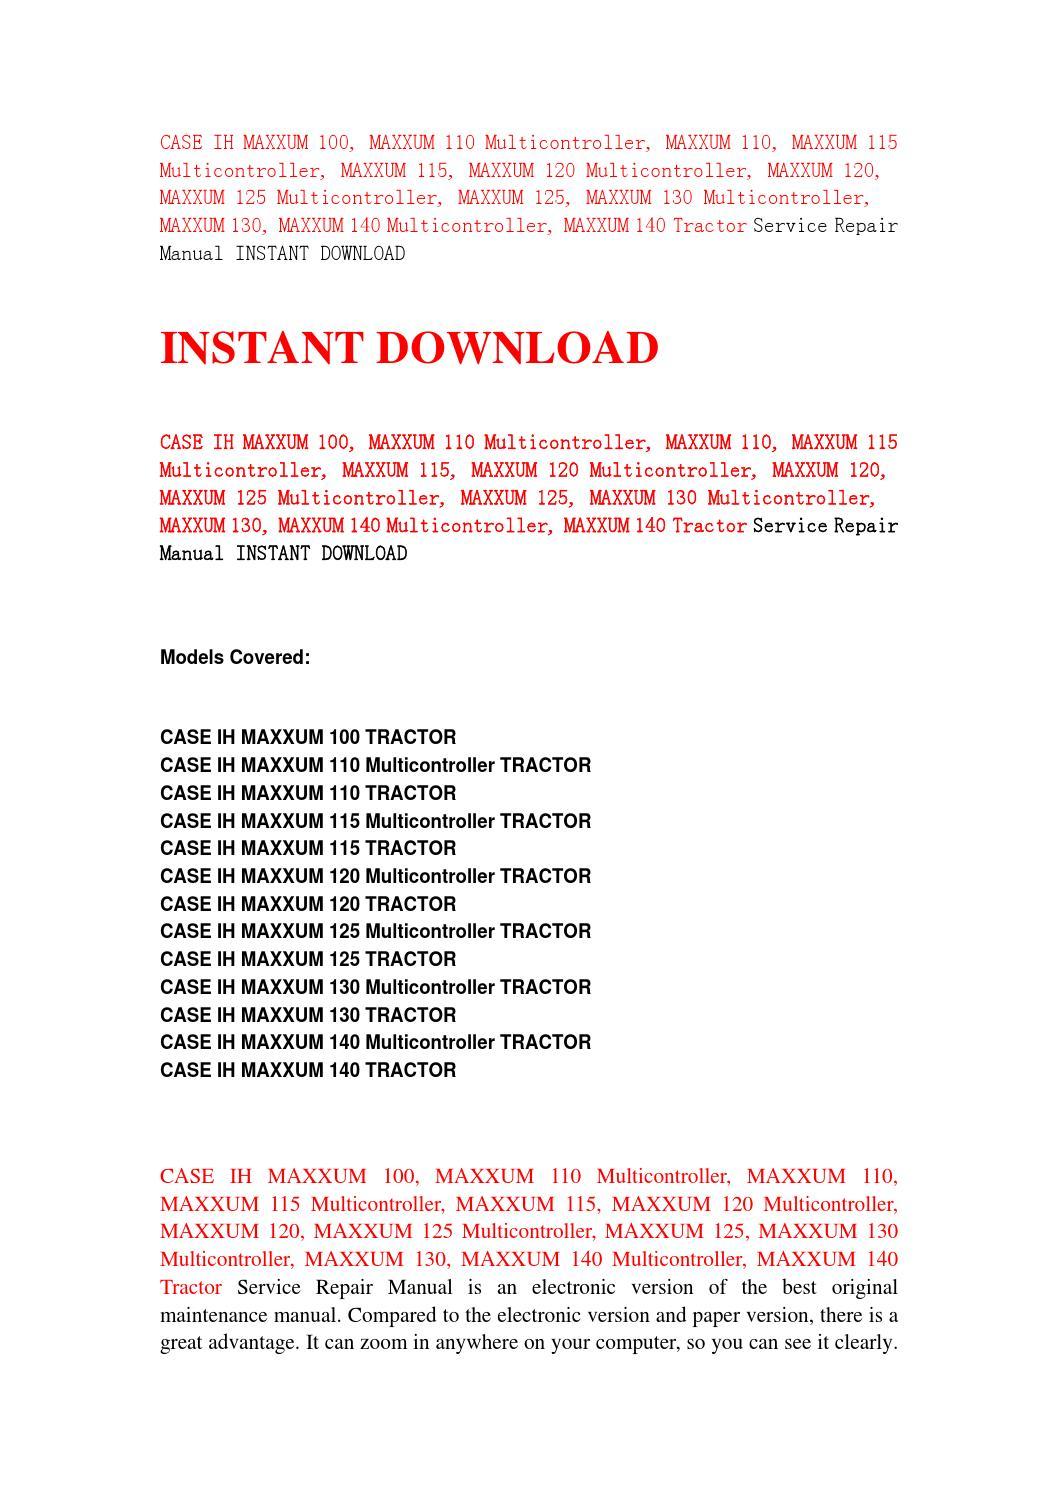 Case ih maxxum 100, maxxum 110 multicontroller, maxxum 110, maxxum 115  multicontroller, maxxum 115, by jfhsefnsen - issuu